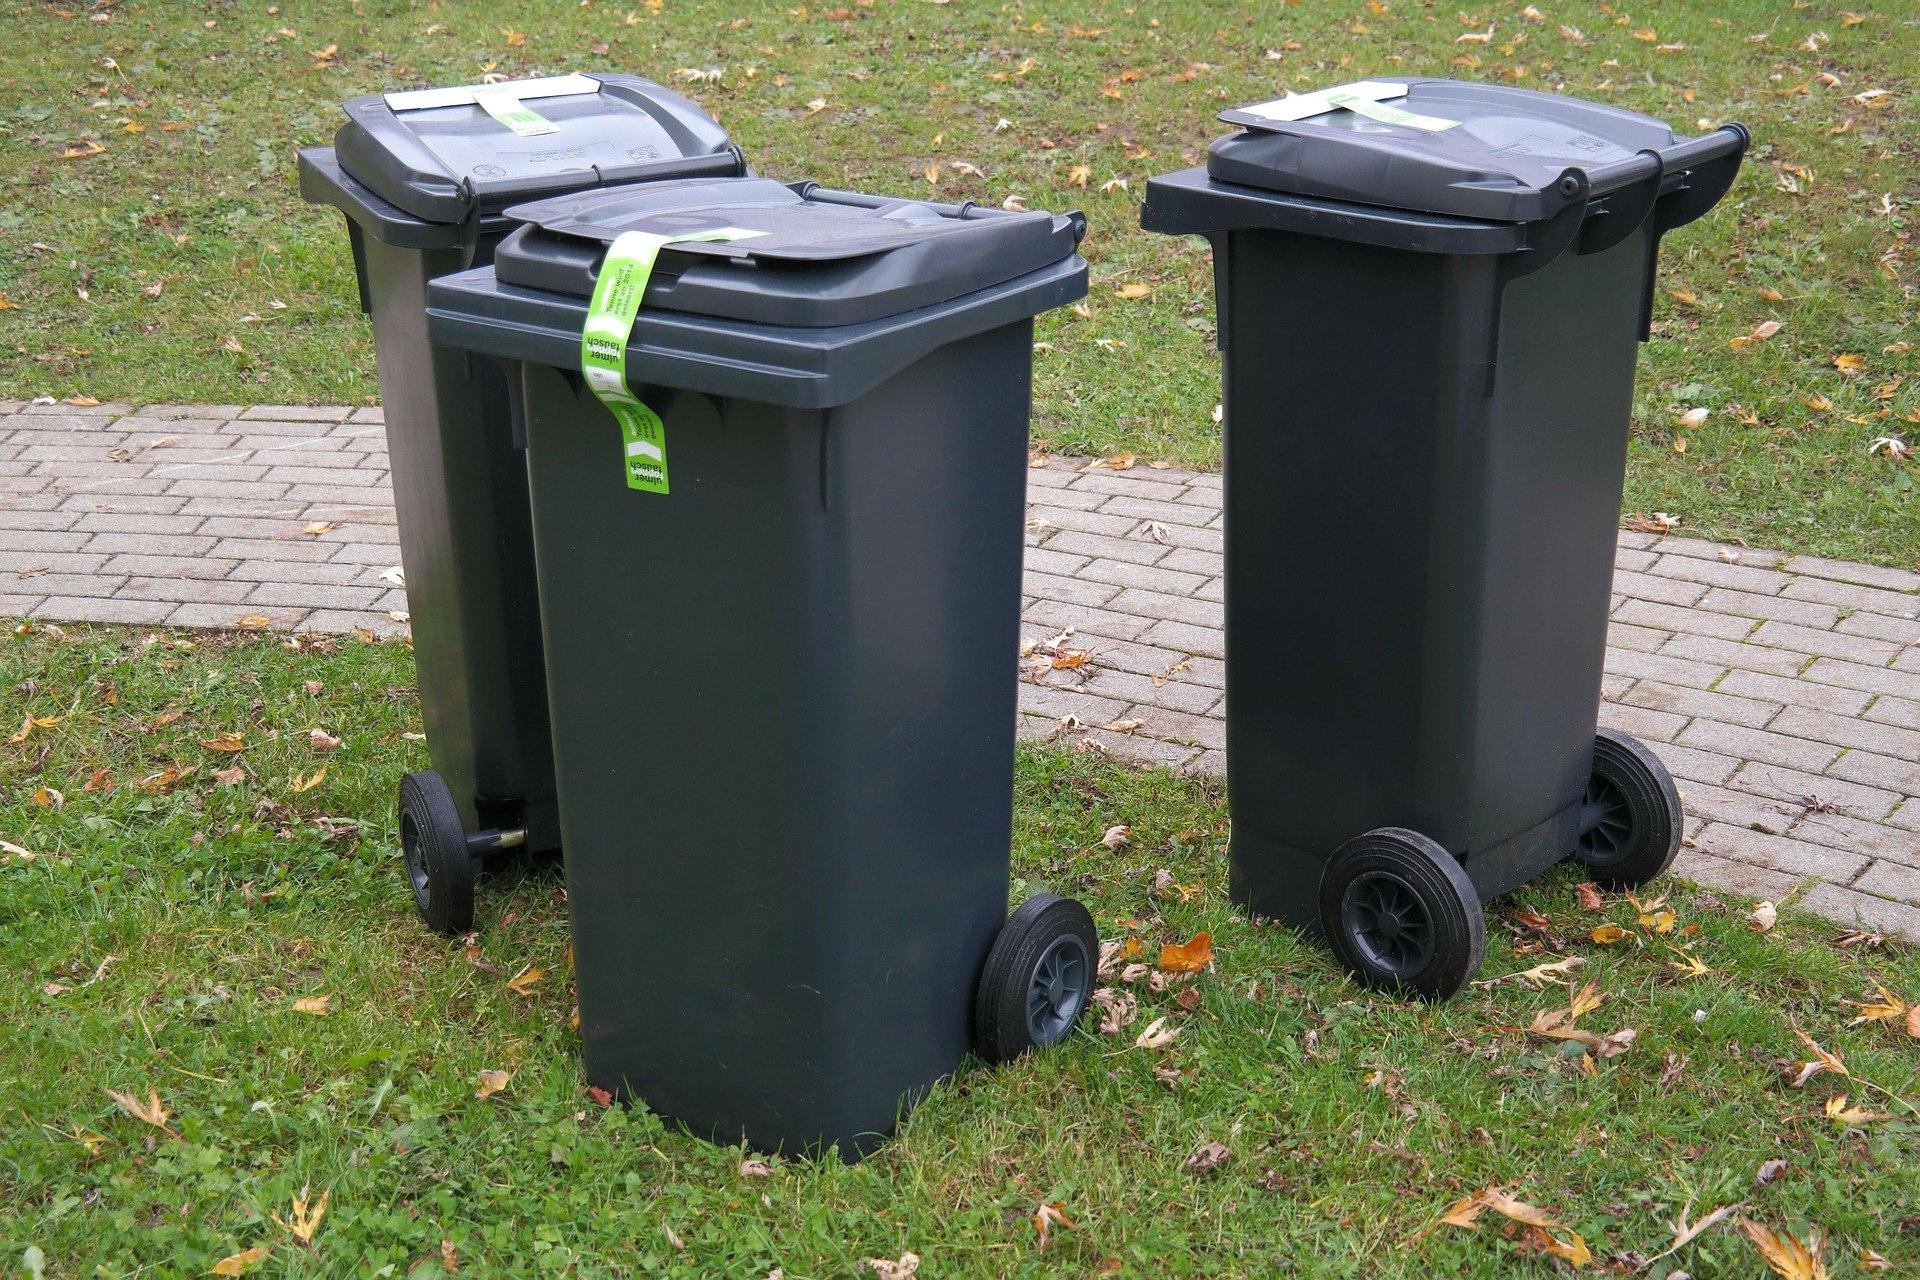 W Gminie Tuszów Narodowy nie będzie miał kto odbierać śmieci? Z gminy znikają pojemniki na odpady!  - Zdjęcie główne